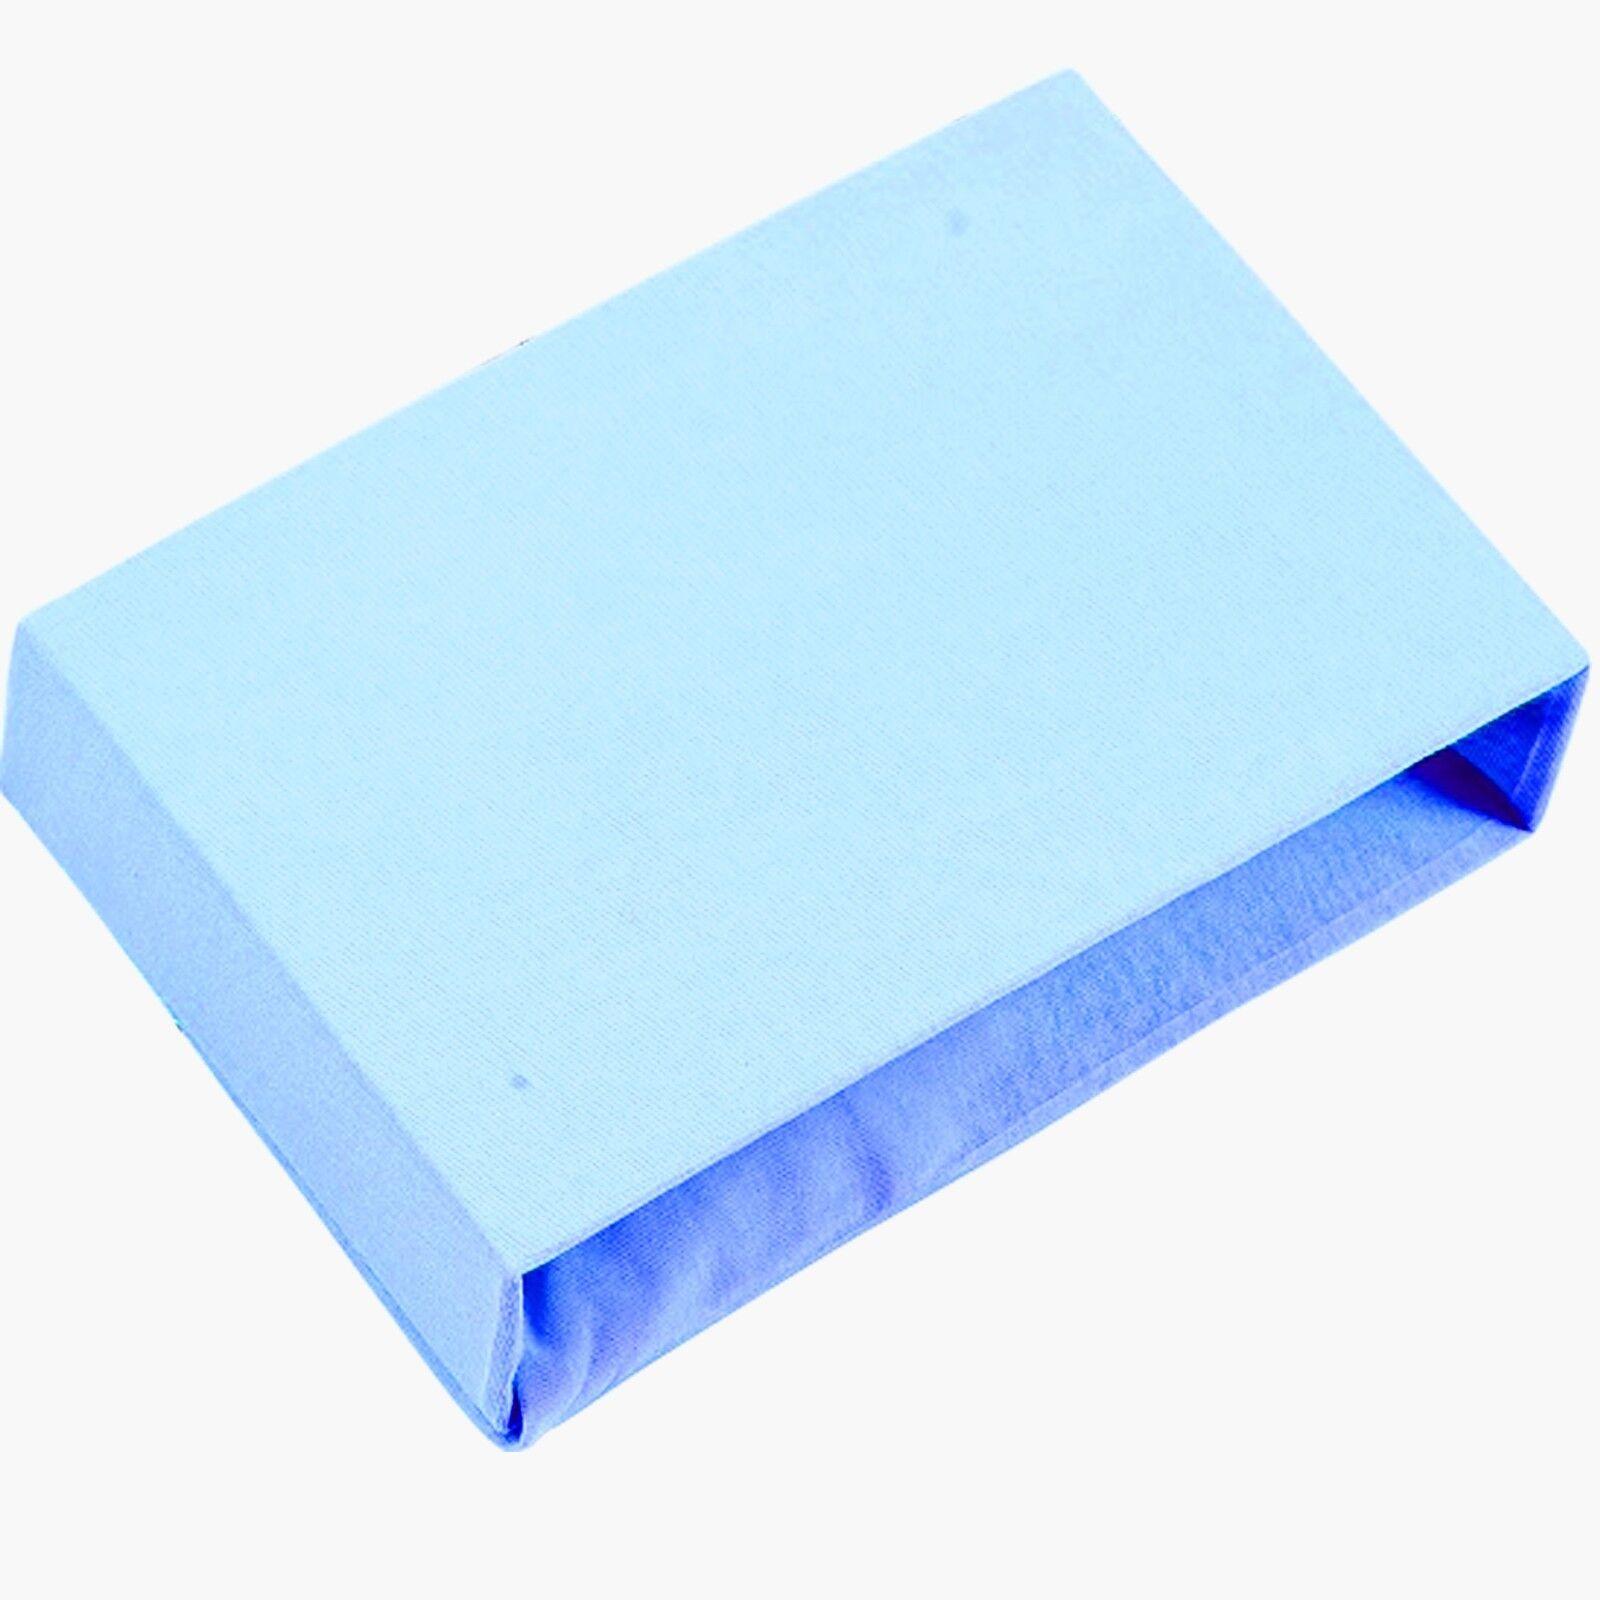 100/% Cotton Angepasstes Bettlaken Viele Farben für Babywiege Kinderbett Cotbed